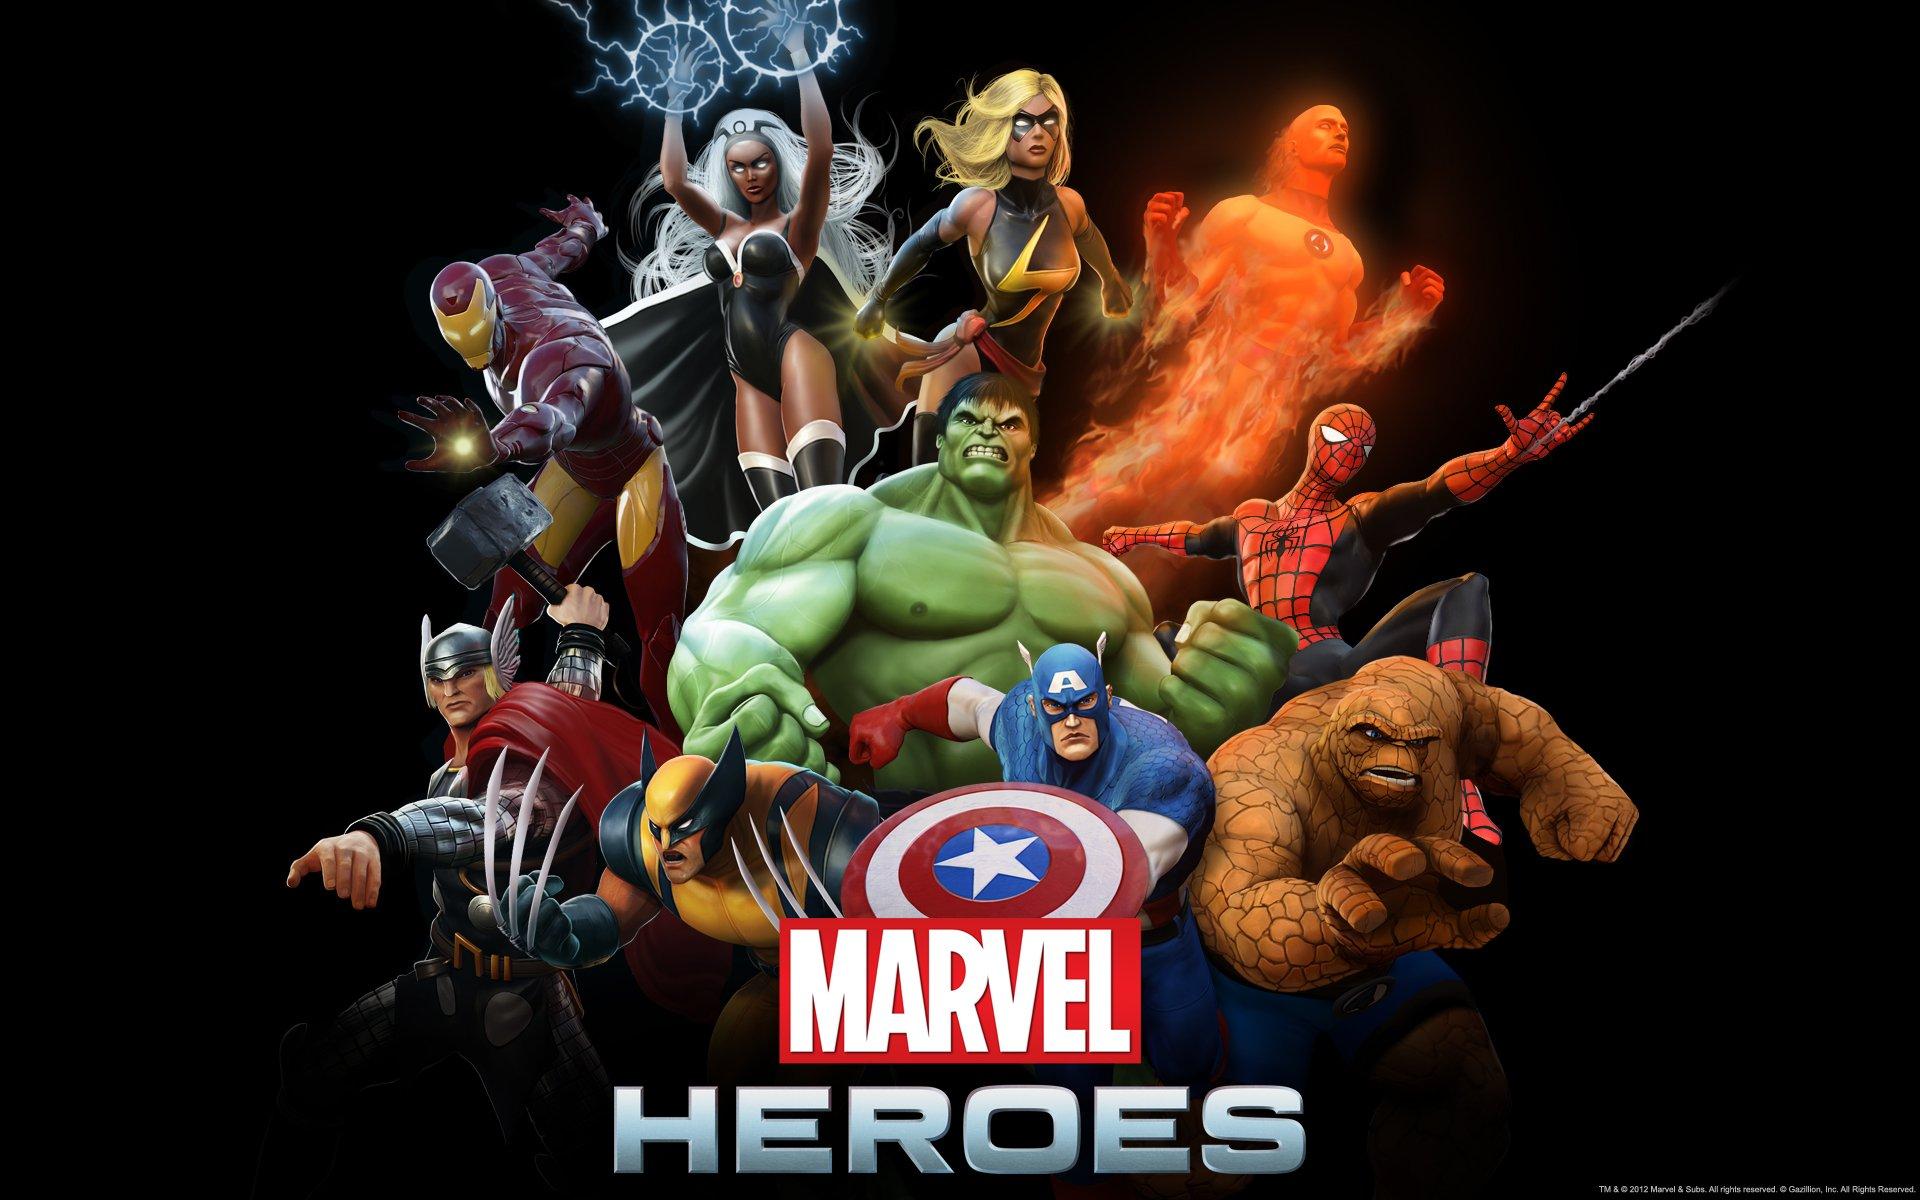 Народ, кто играет в бету Marvel Heroes, как оно вам? ;) . - Изображение 1